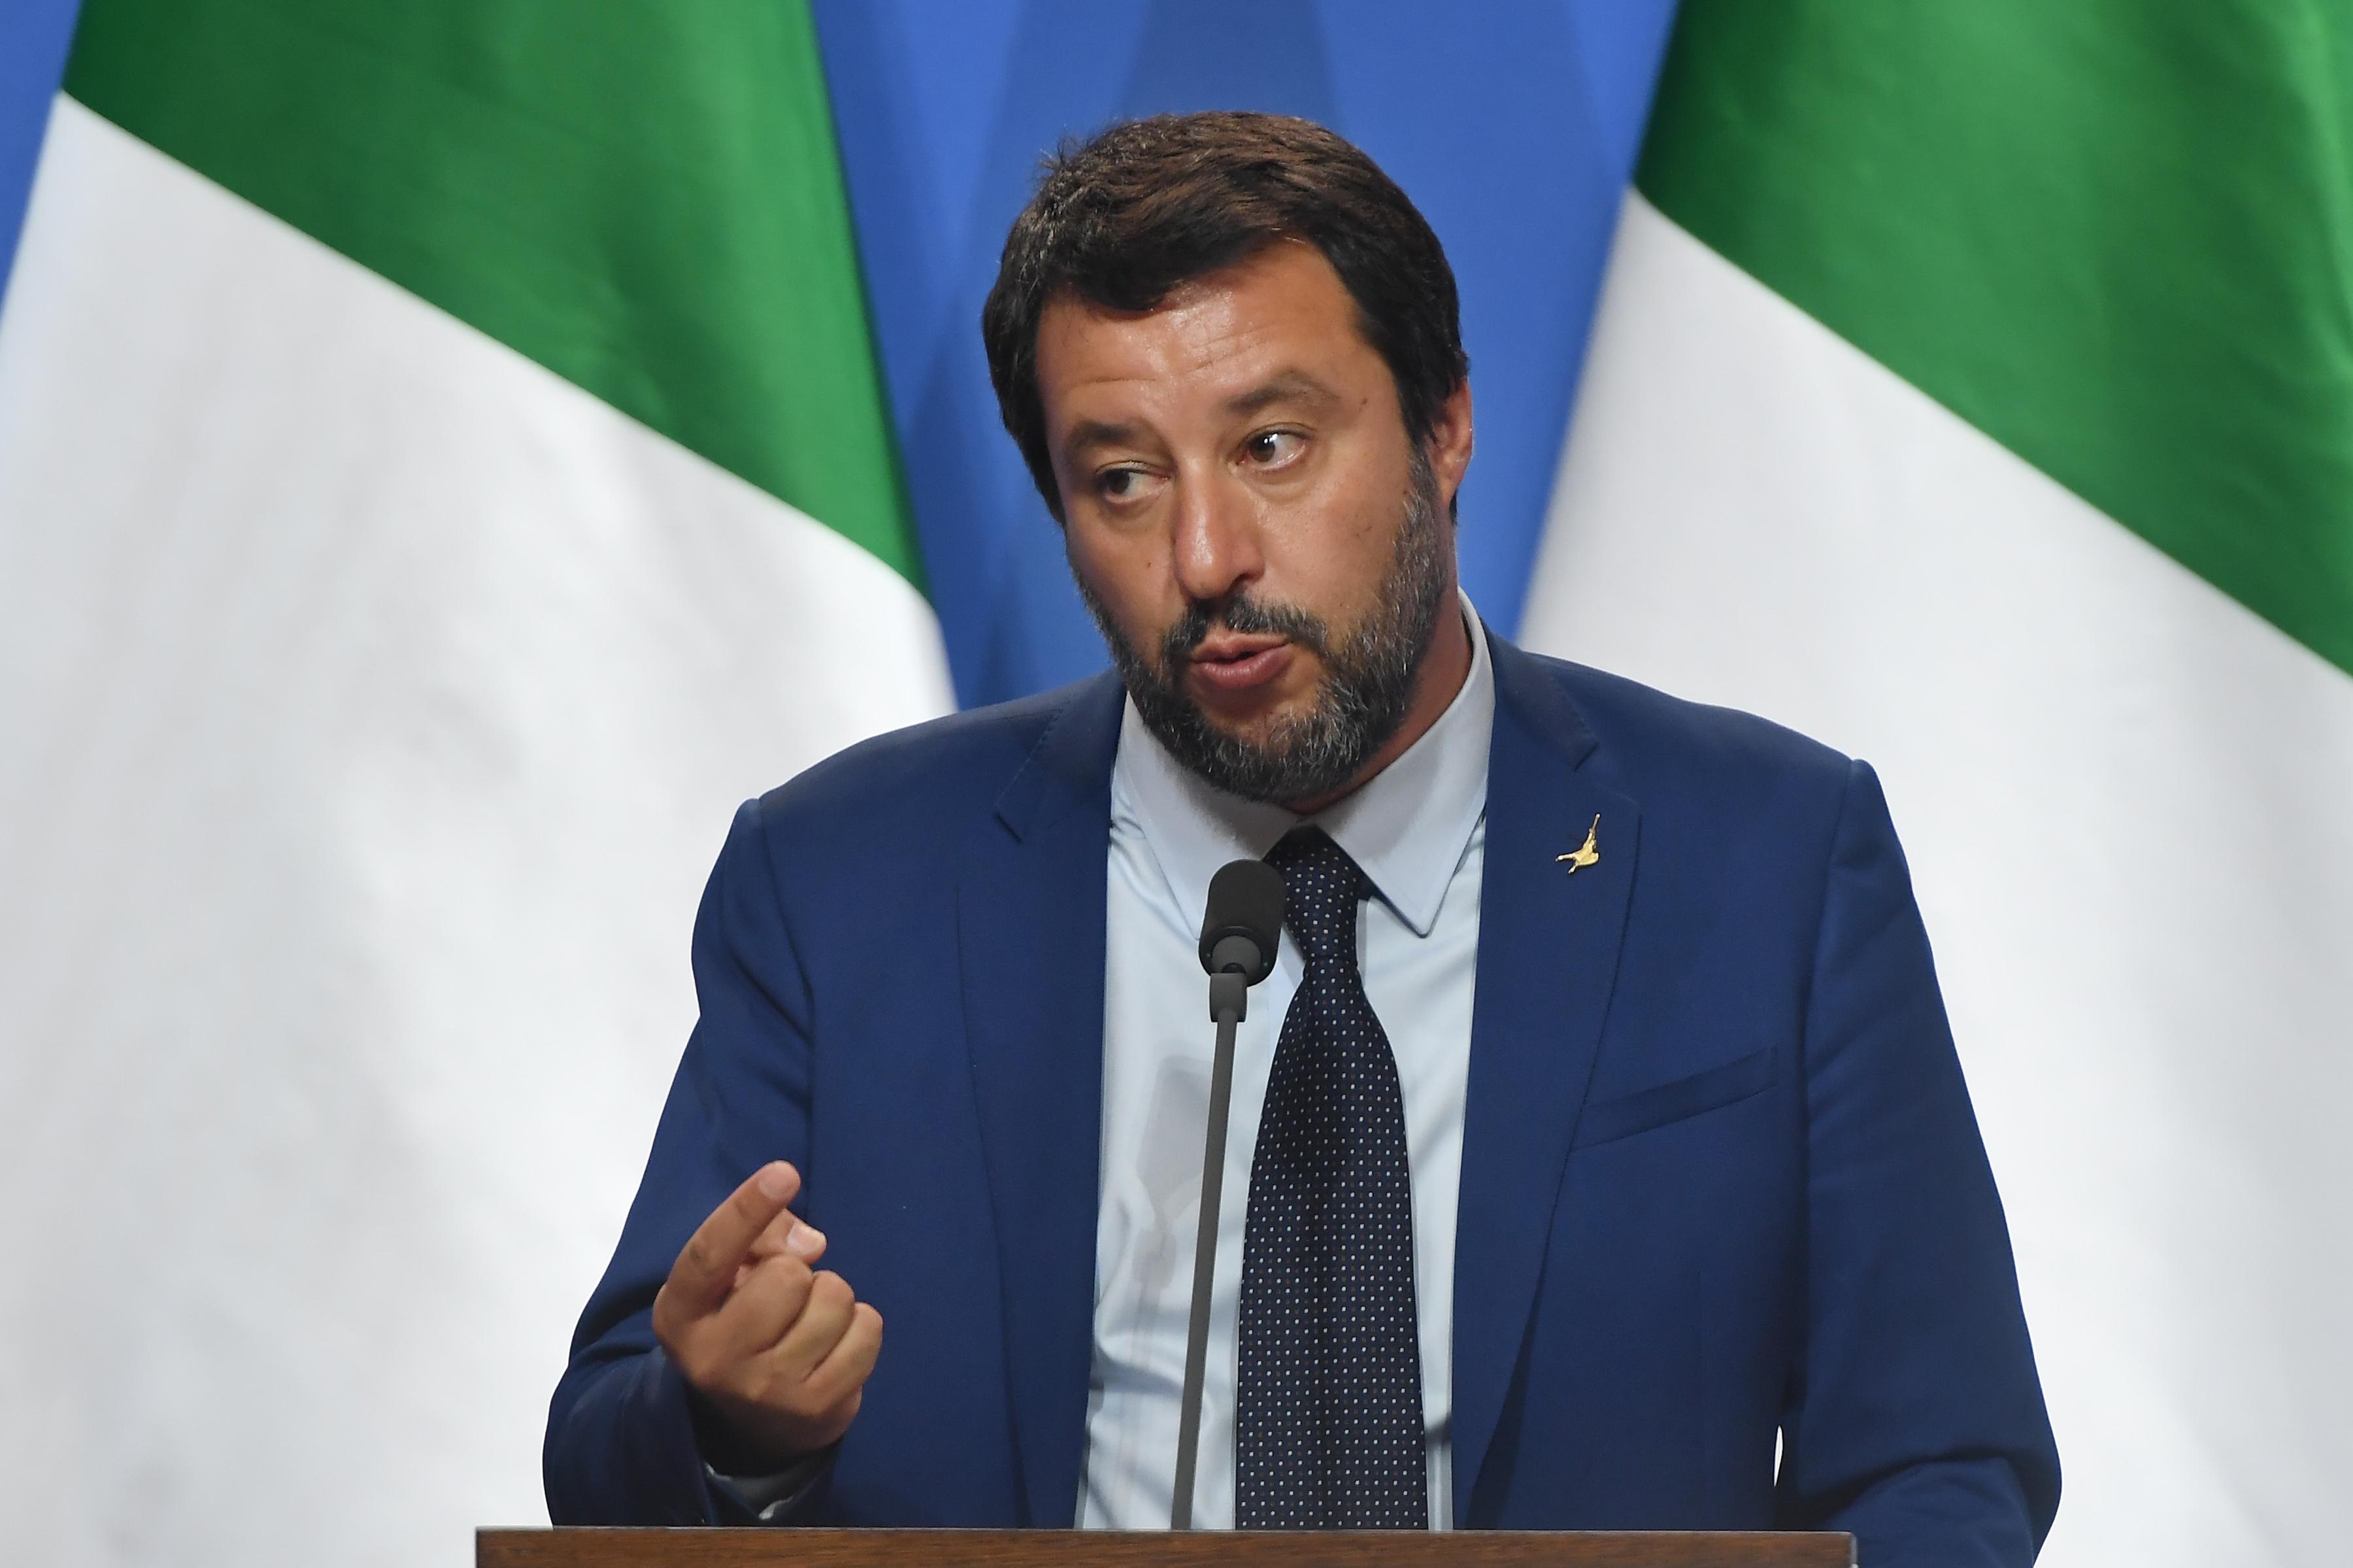 Salvini nem enged kikötni egy OLASZ HADIHAJÓT az olasz kikötőkben, mert az megmentett 40 menekültet a tengeren